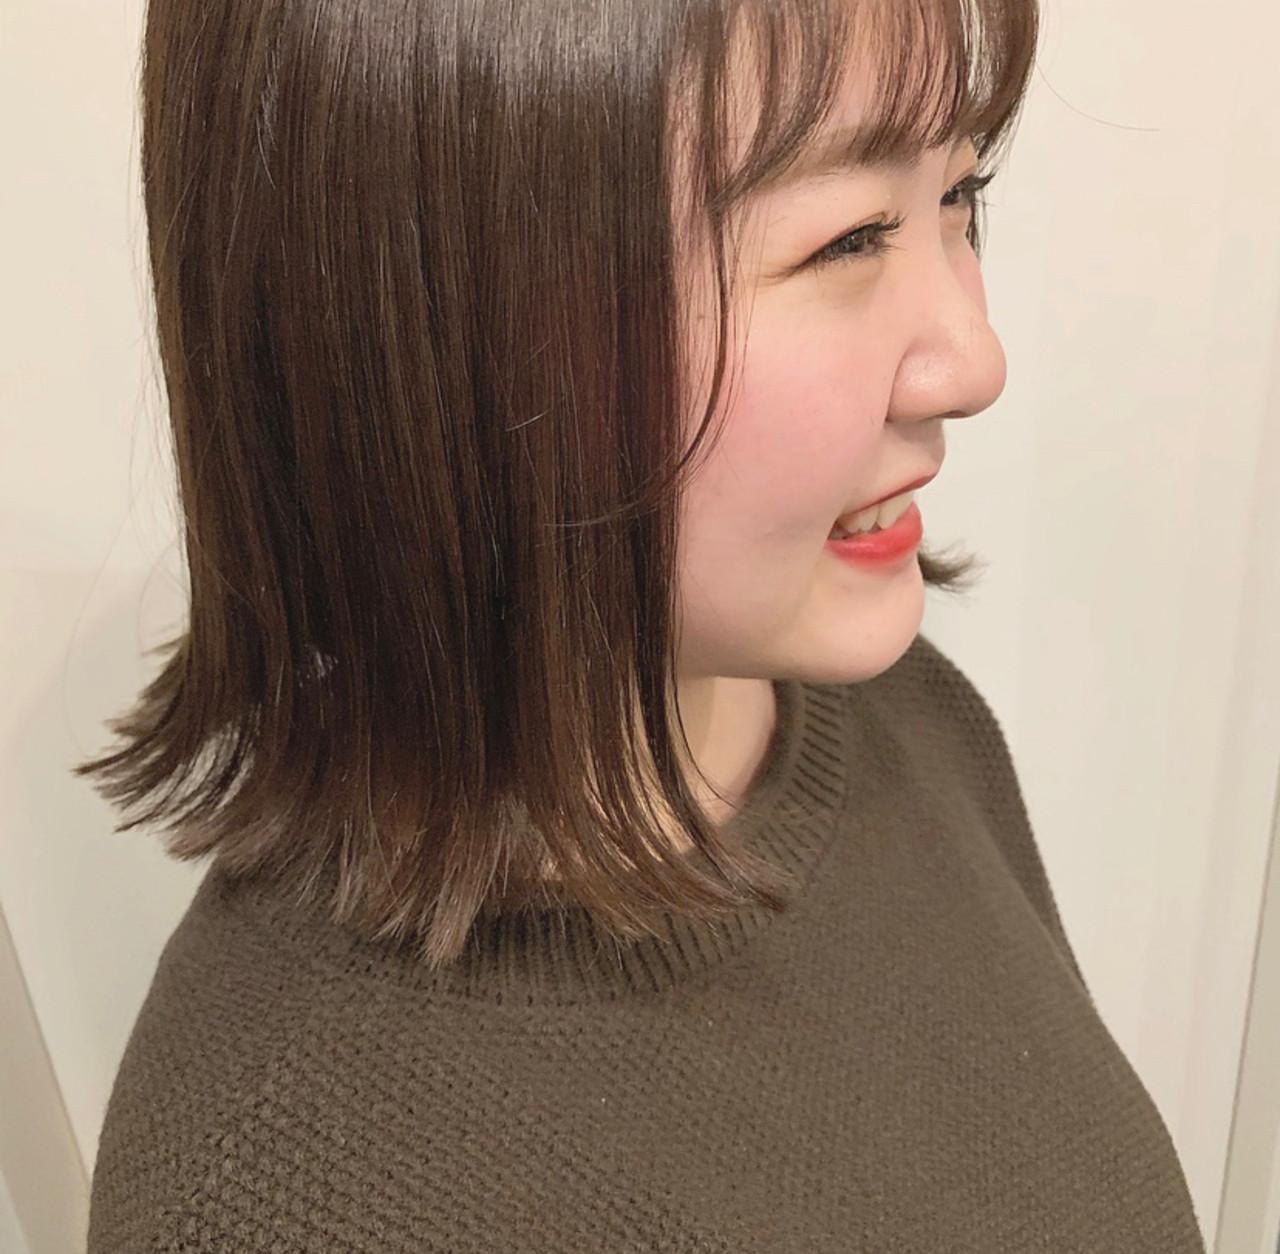 ミニボブ 切りっぱなしボブ ストリート ふわふわヘアアレンジ ヘアスタイルや髪型の写真・画像